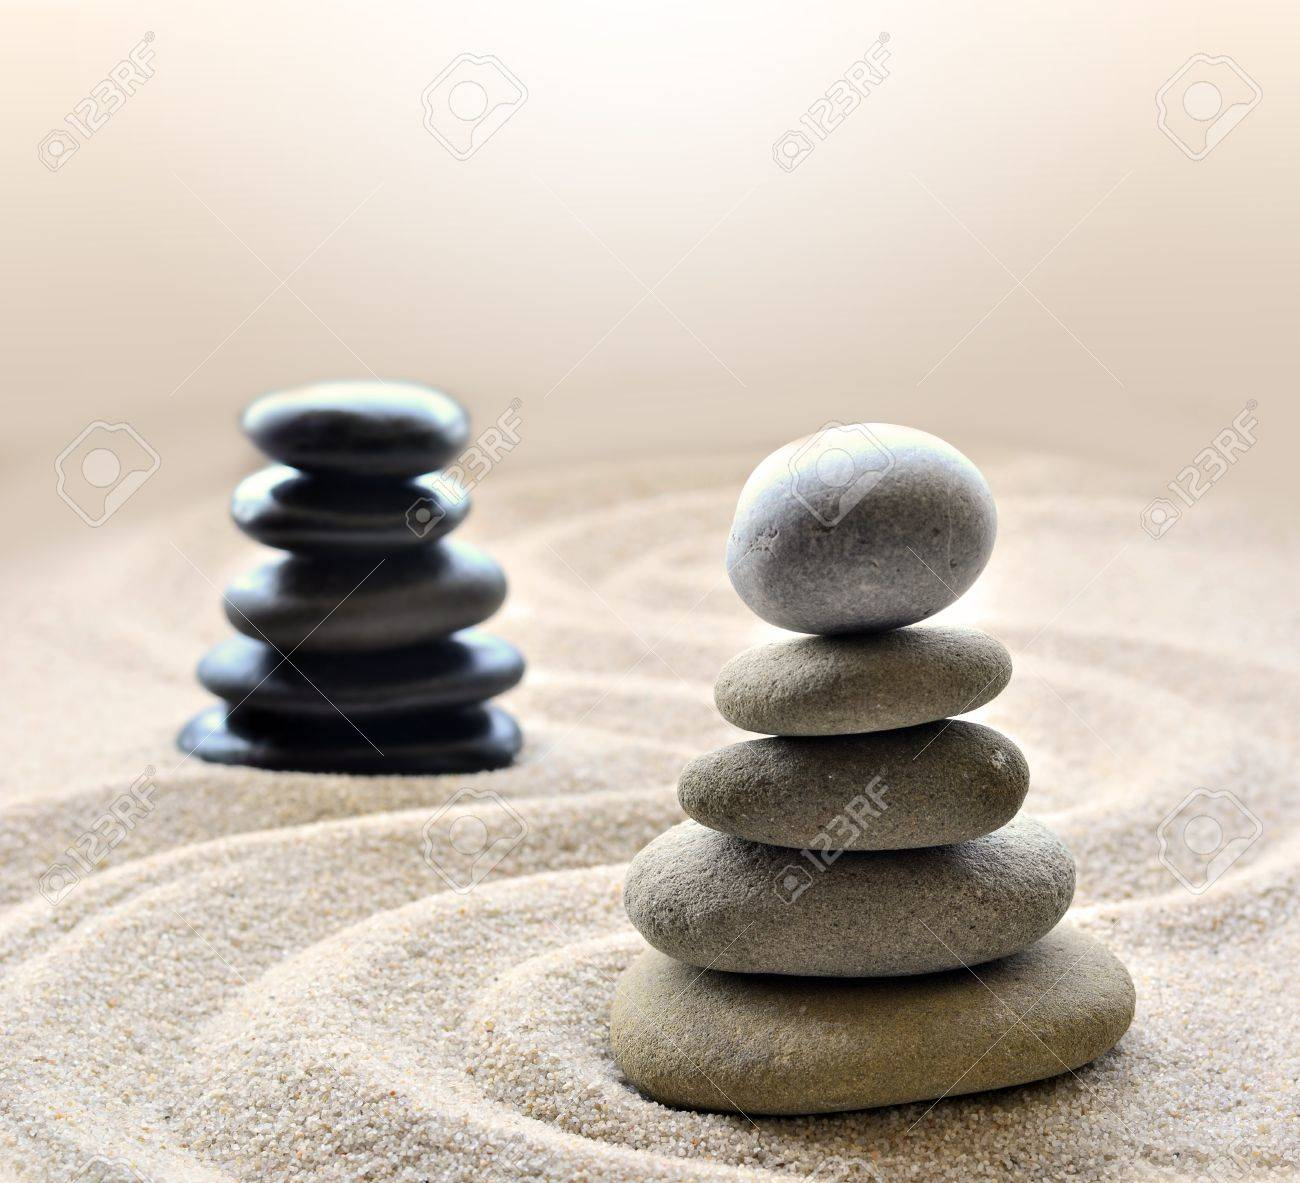 Piedras Blancas Piedras Apiladas Dentro De Circulo Con Comision En